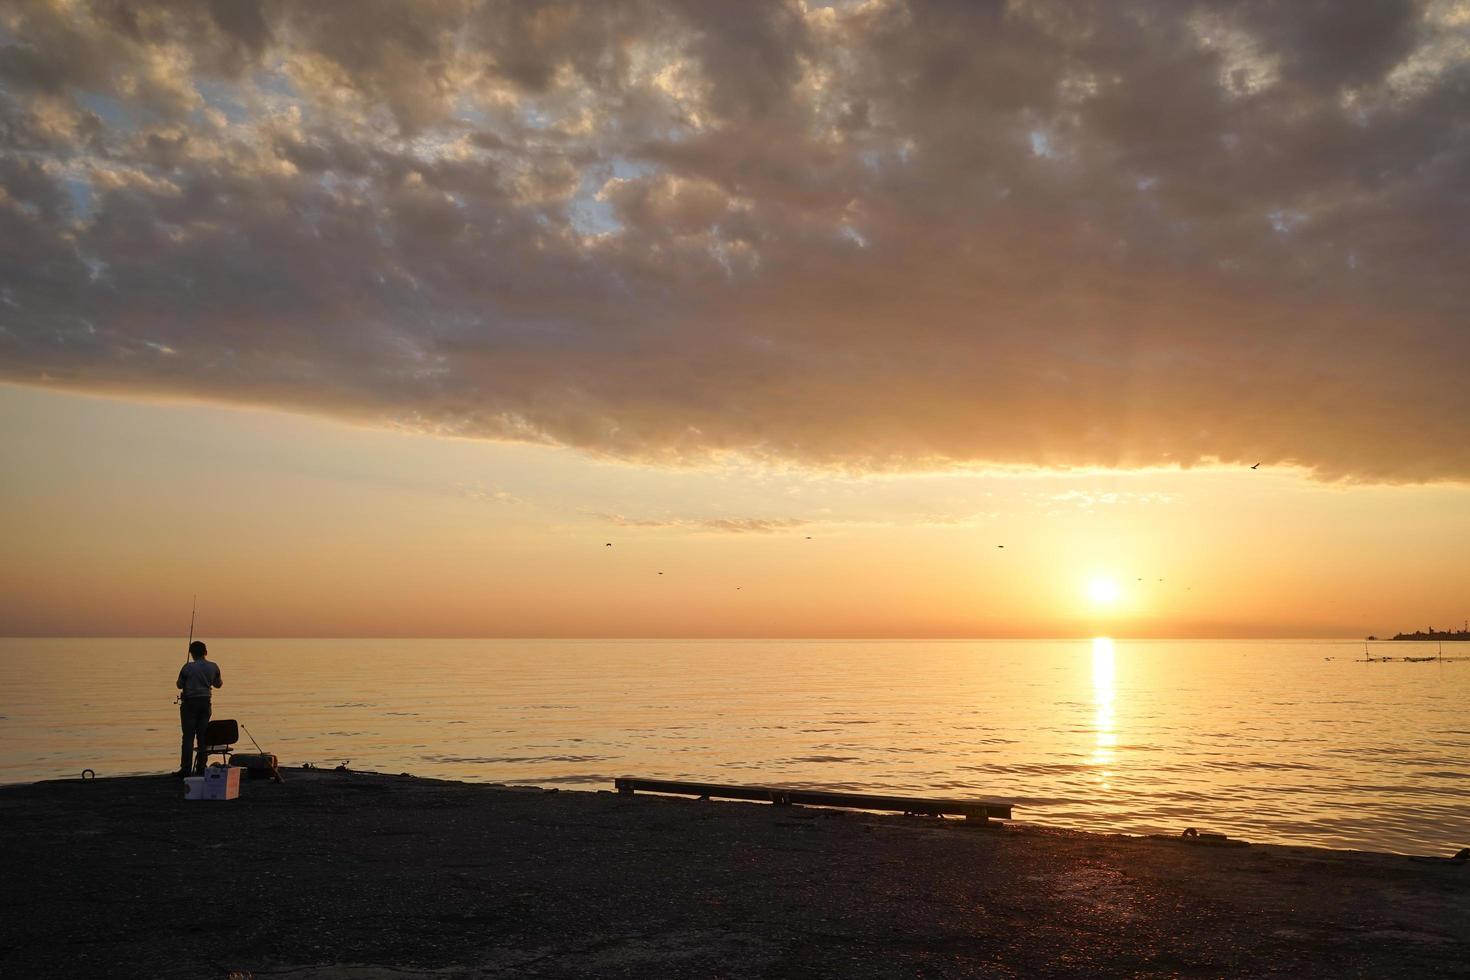 Silhouette d'un homme pêchant sur une jetée avec un coucher de soleil nuageux coloré photo